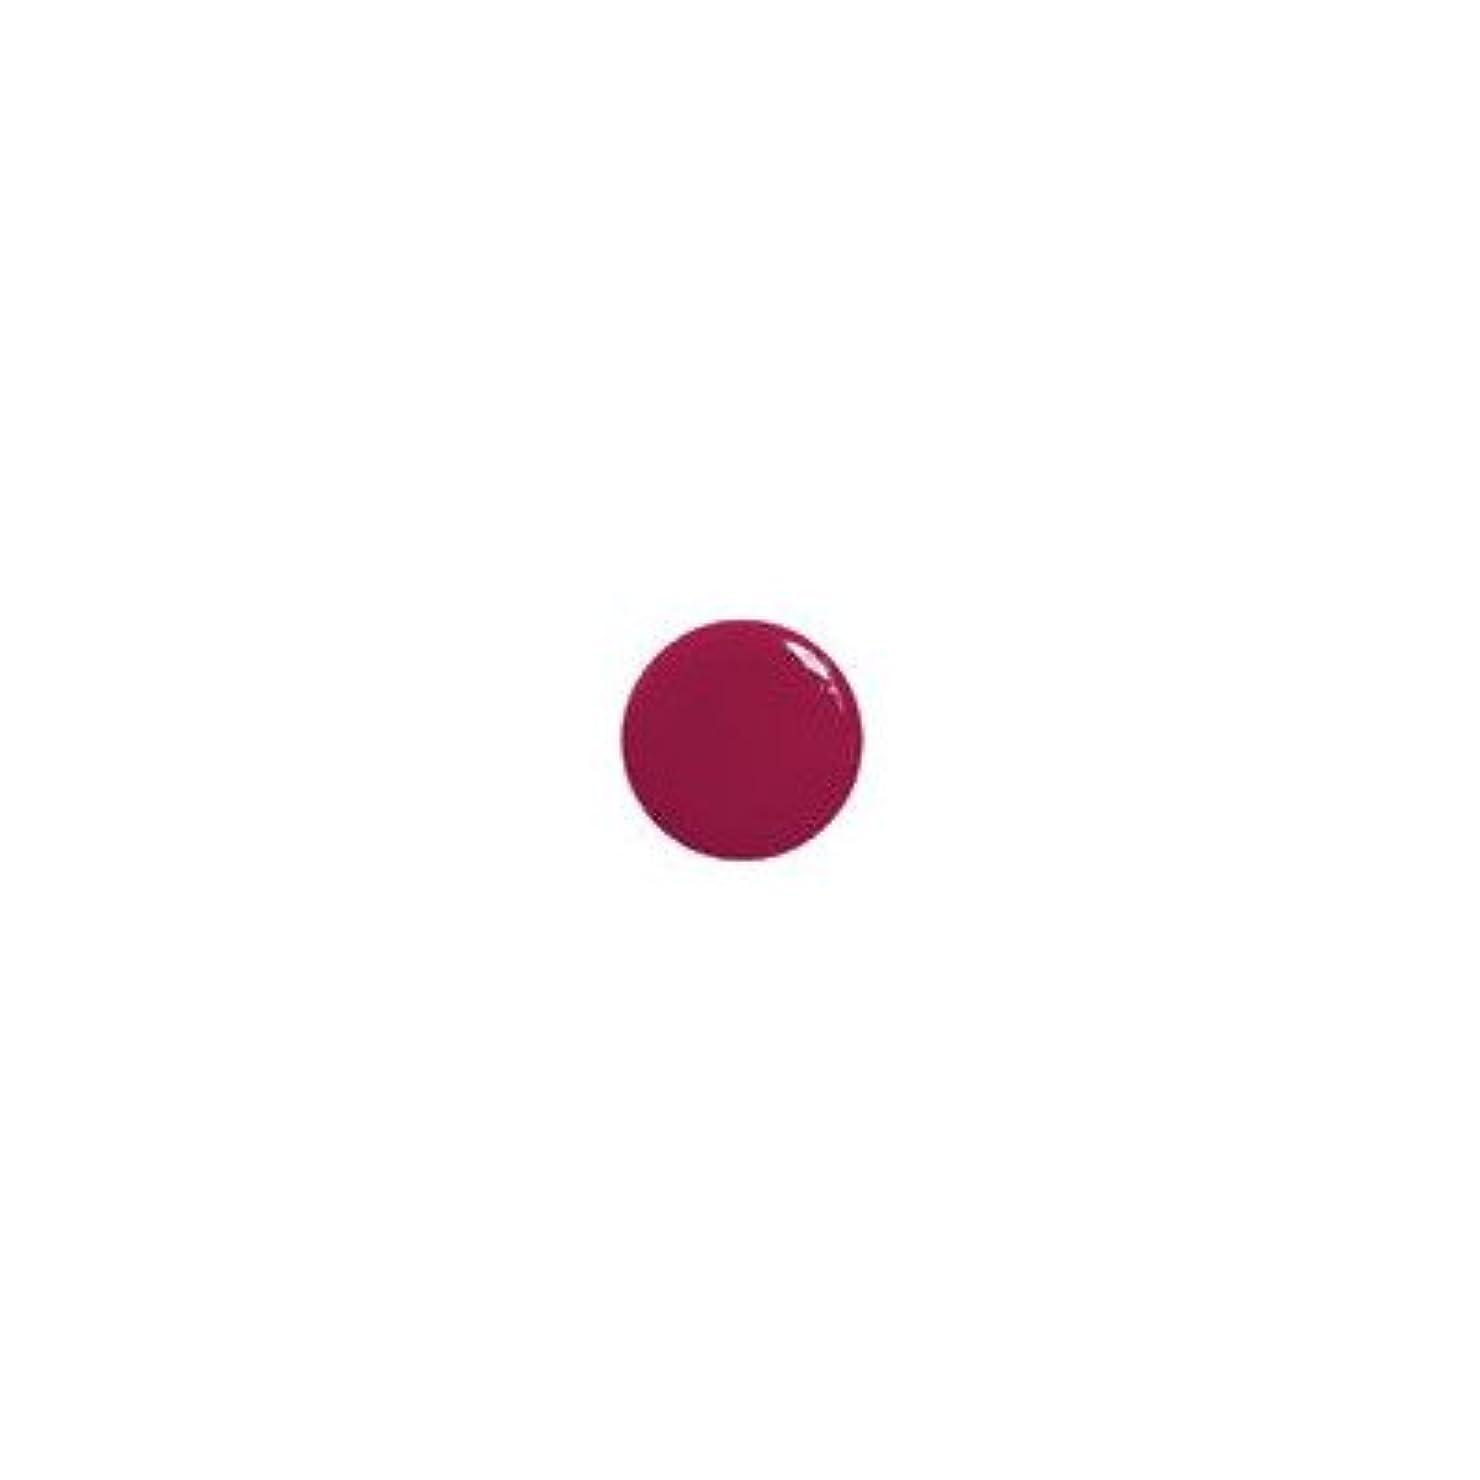 教師の日鎖申し立てジェレレーション カラー485Cブラシングプリンセス